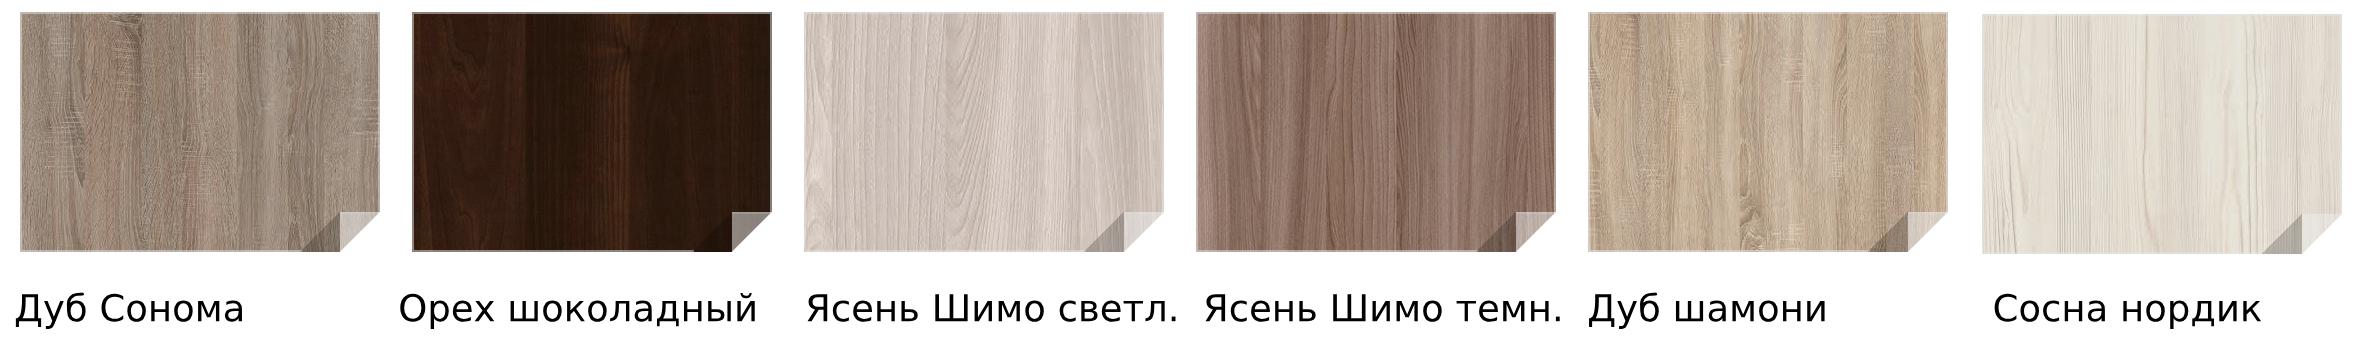 Материал изготовления мебели